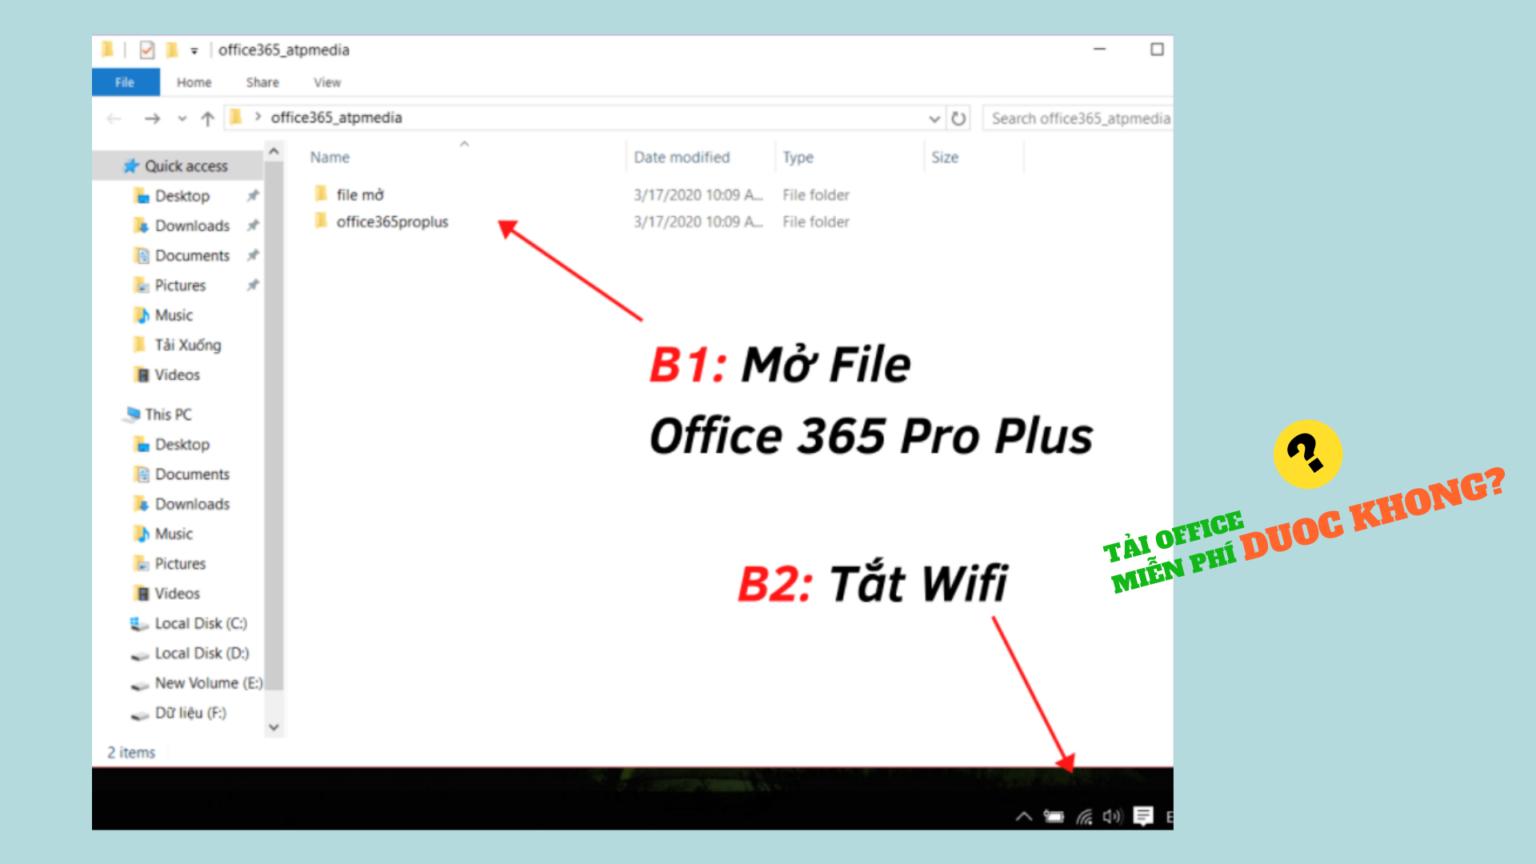 Tải về file cài đặt Office 365